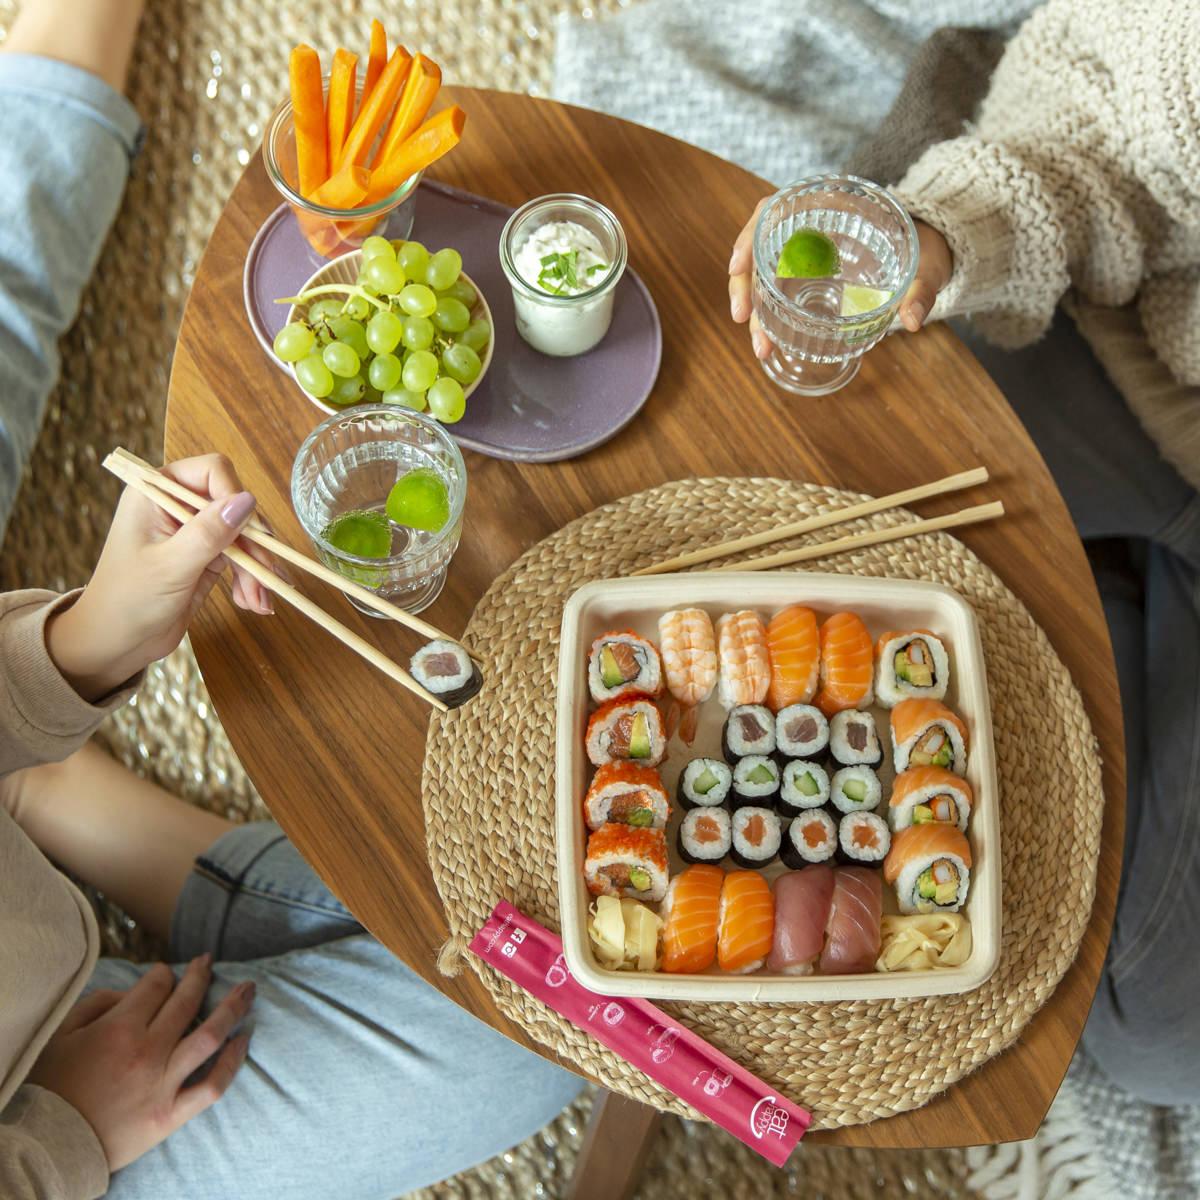 Social Media Content Fotografie: 2 Freundinnen genießen gemeinsam zu Hause Sushi von Eat Happy | Foto: Hanna Witte